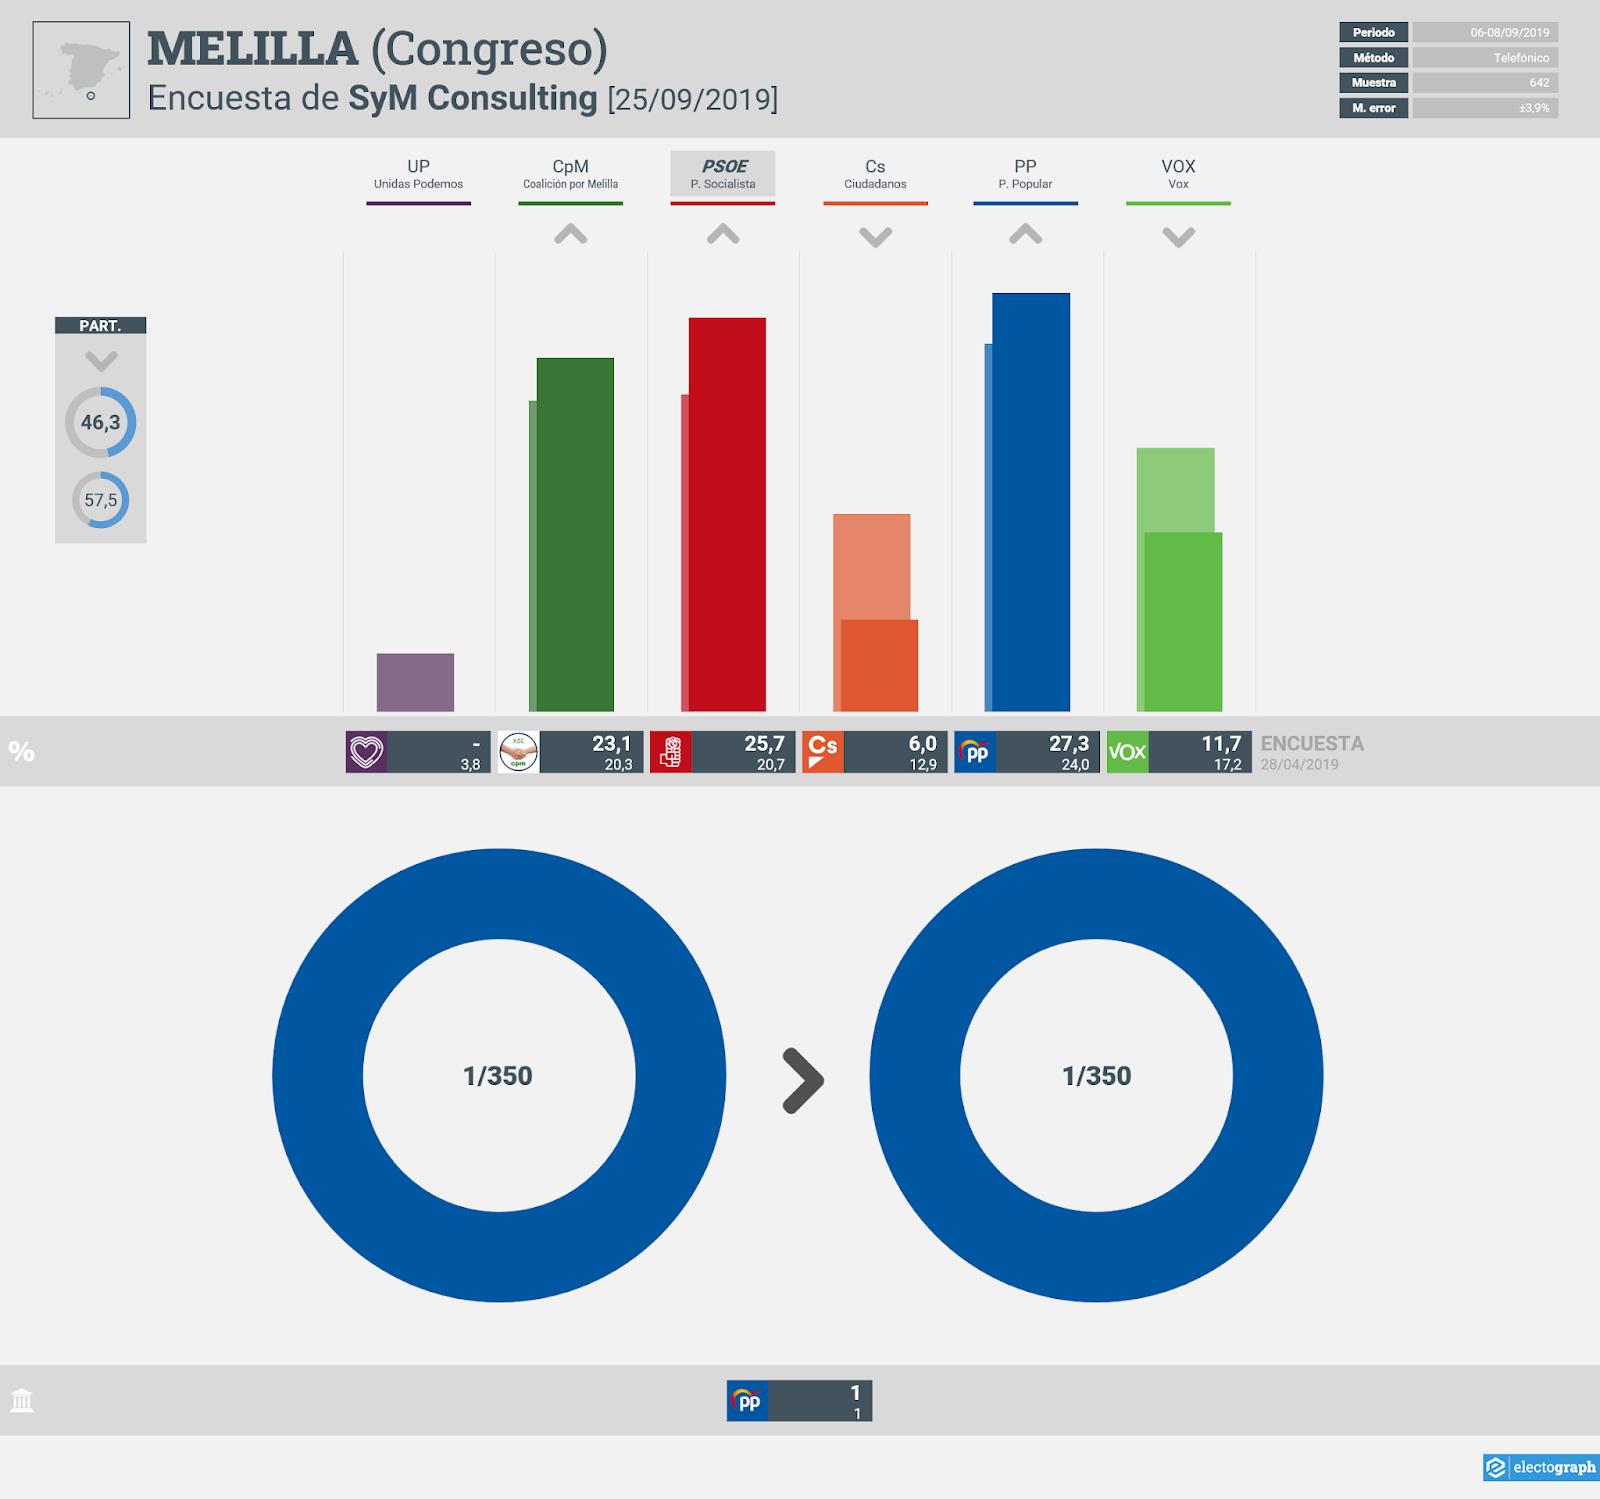 Gráfico de la encuesta para elecciones generales en Melilla realizada por SyM Consulting, 25 de septiembre de 2019